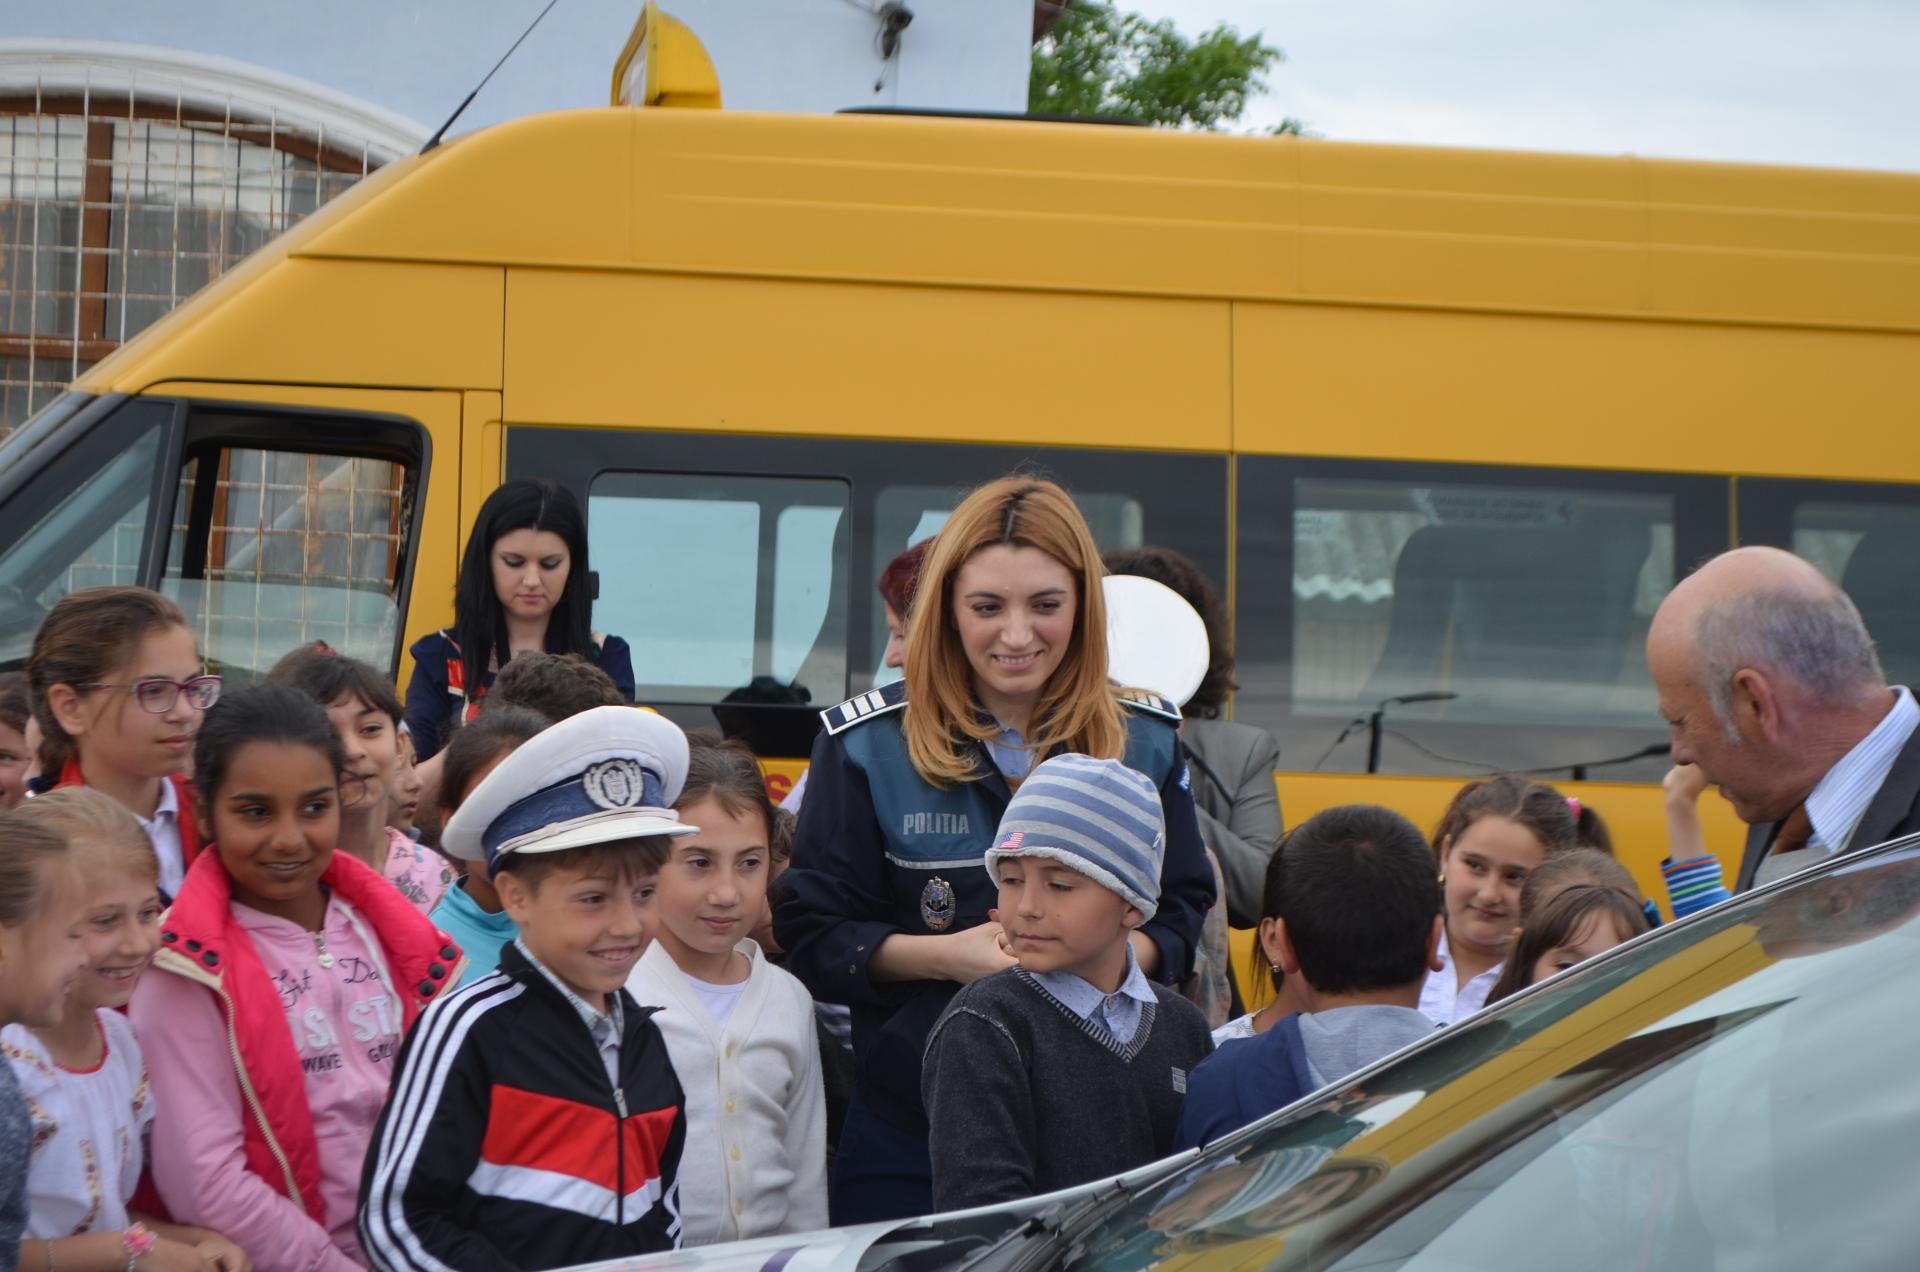 640 elevi din comunele Blejești și Cosmești, Teleorman, au învățat cum să acționeze împreună pentru un viitor verde și sigur